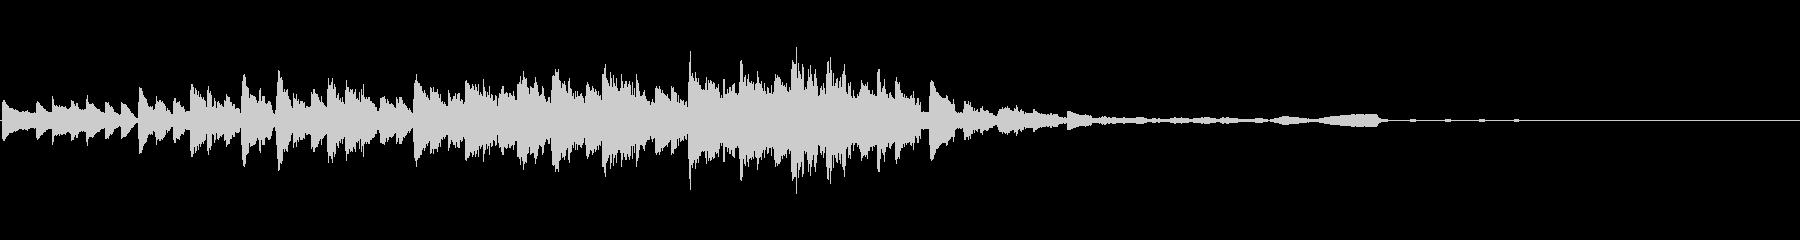 幻想的で音が変化するシンセサウンドロゴの未再生の波形